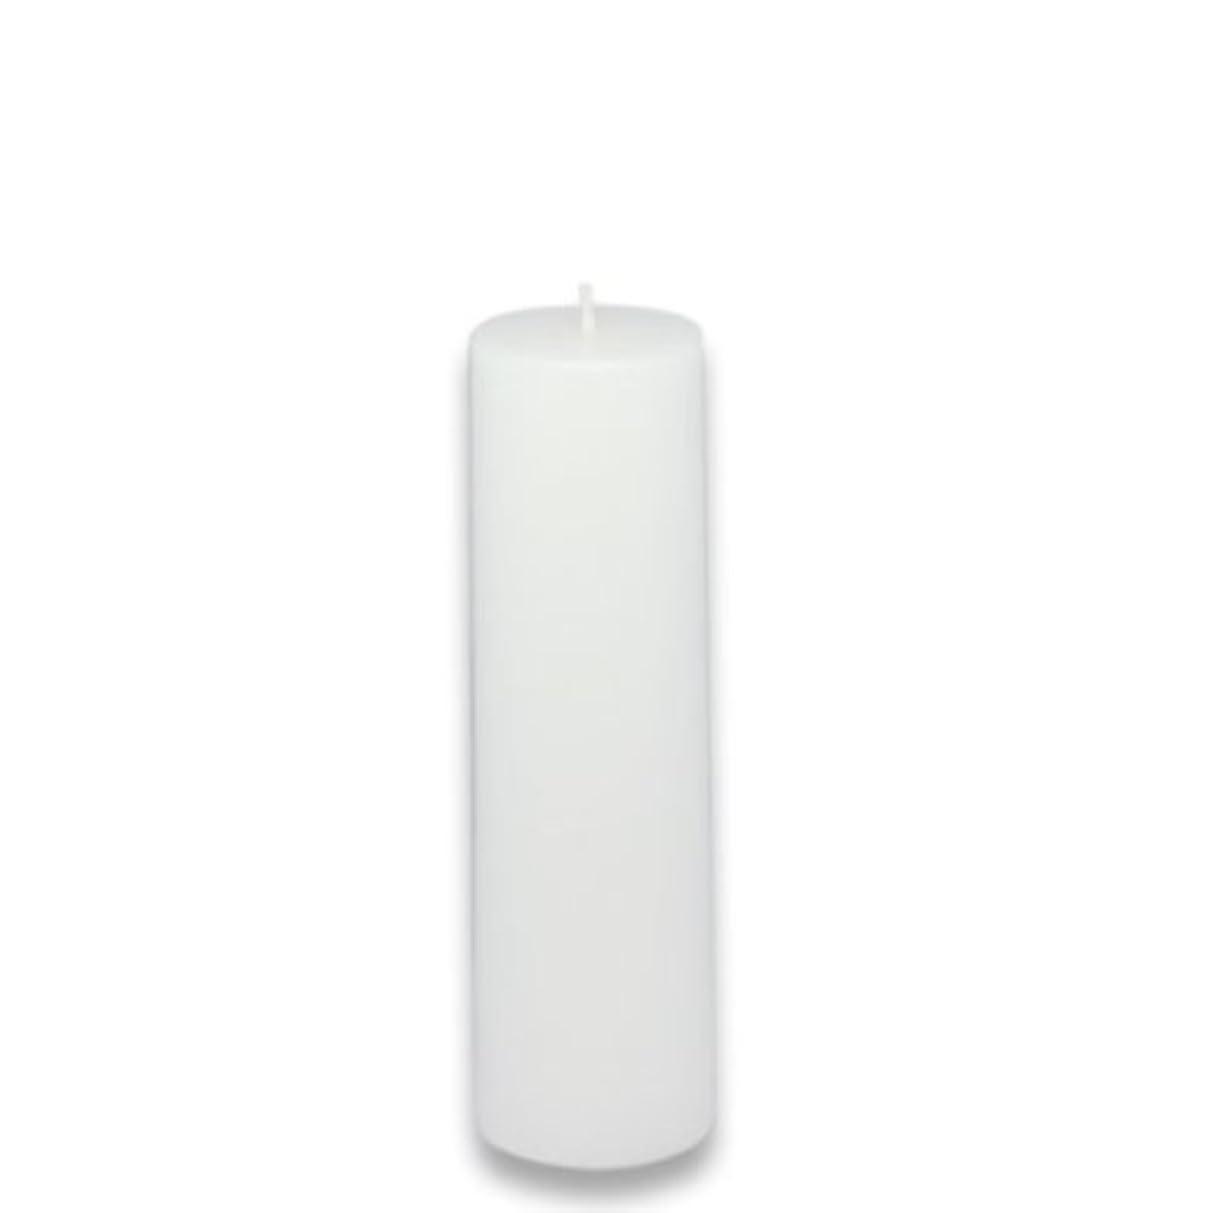 ブロック労苦学んだZest Candle Pillar Candle, 2 by 6-Inch, White [並行輸入品]